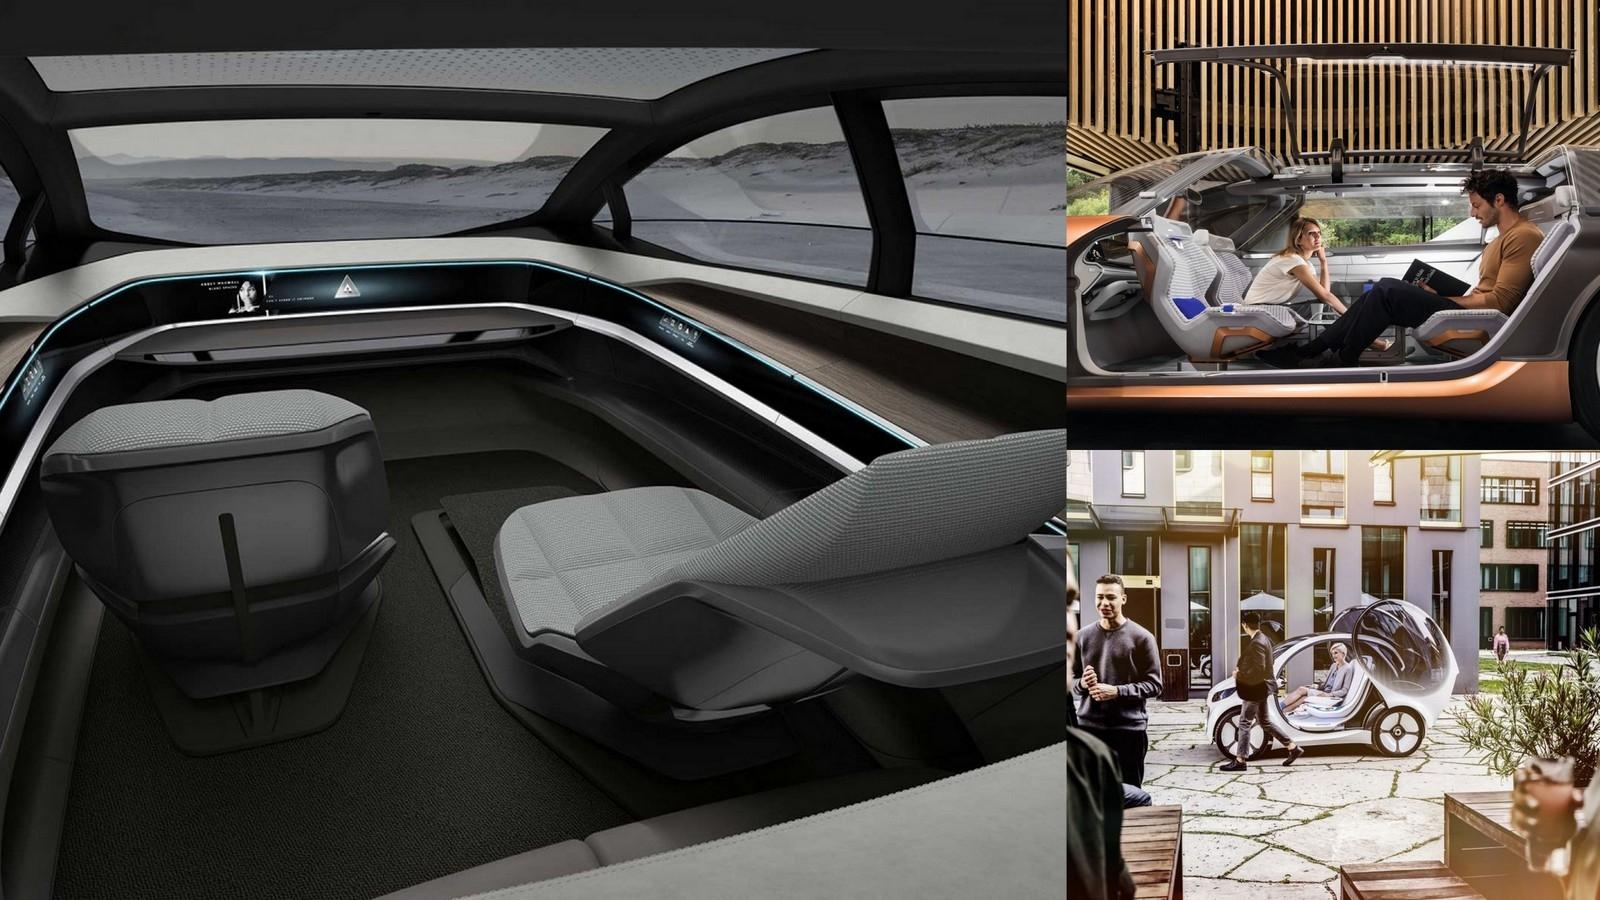 Vid o salon de francfort les voitures autonomes sont l for Salon de voiture